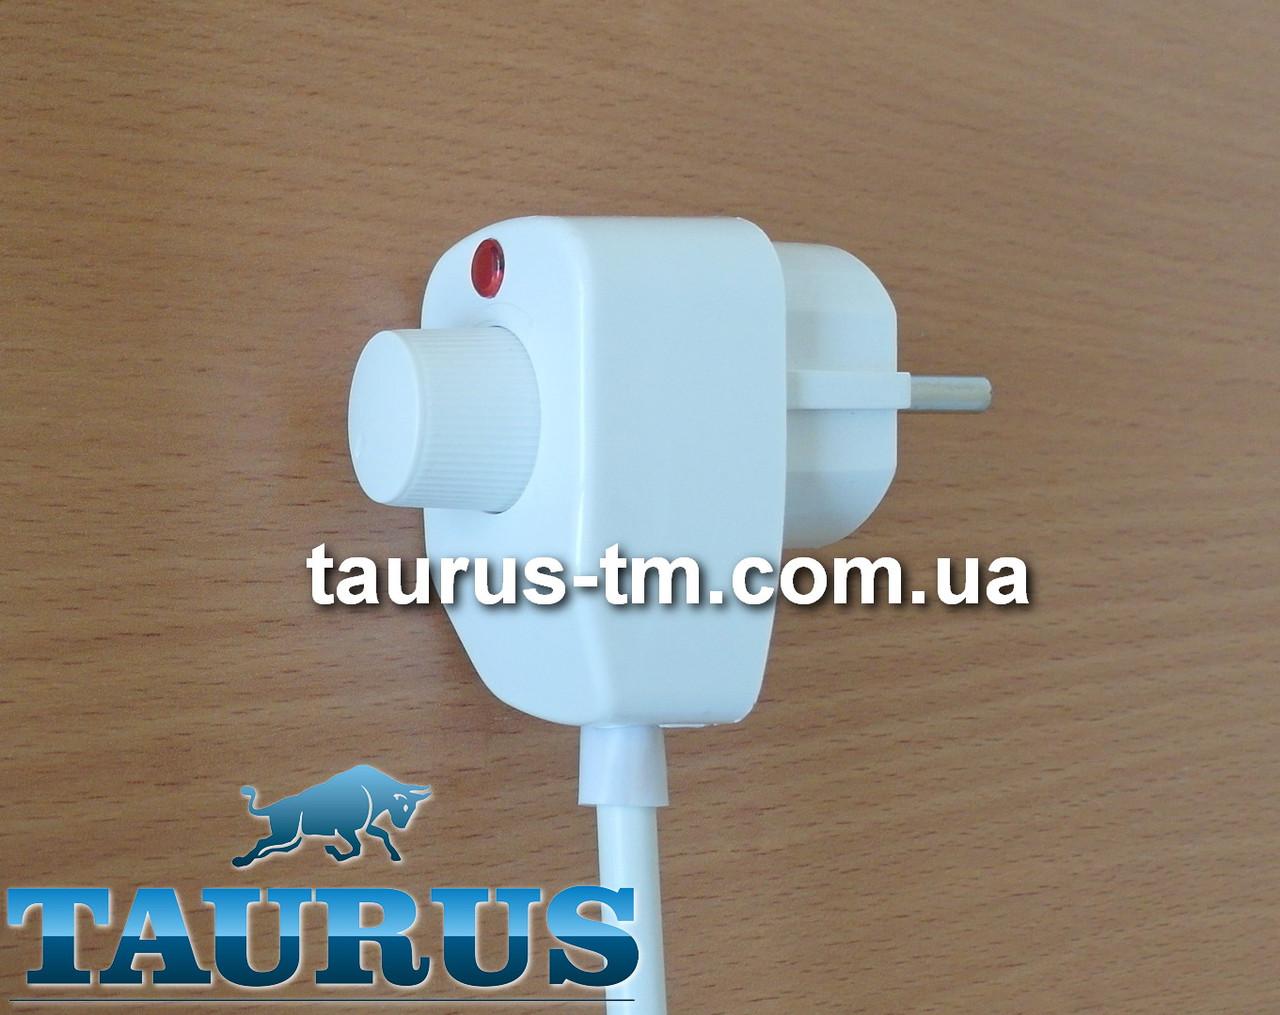 Белый регулятор на вилке для электроТЭНов без регулировки до 500Вт., с индикатором. Димер Турция.